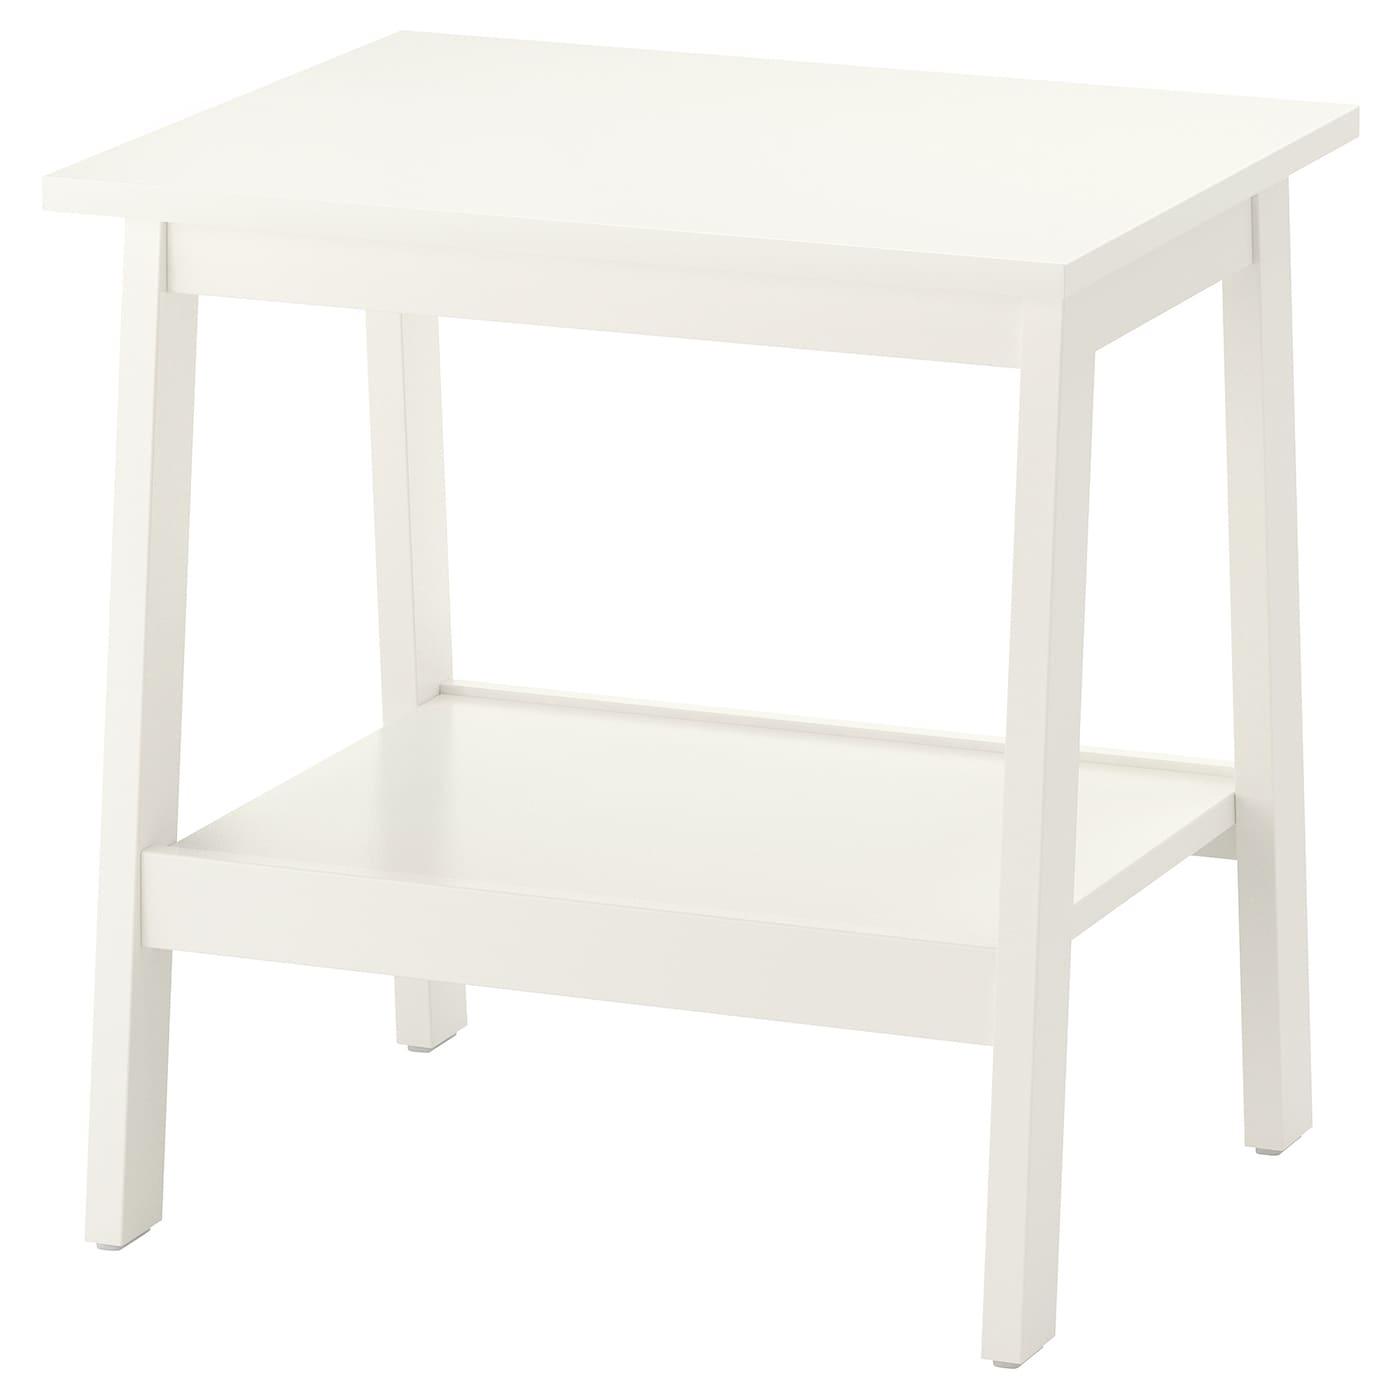 Design Kleine Tafeltjes.Lunnarp Tafeltje Wit 55 X 45 Cm Ikea